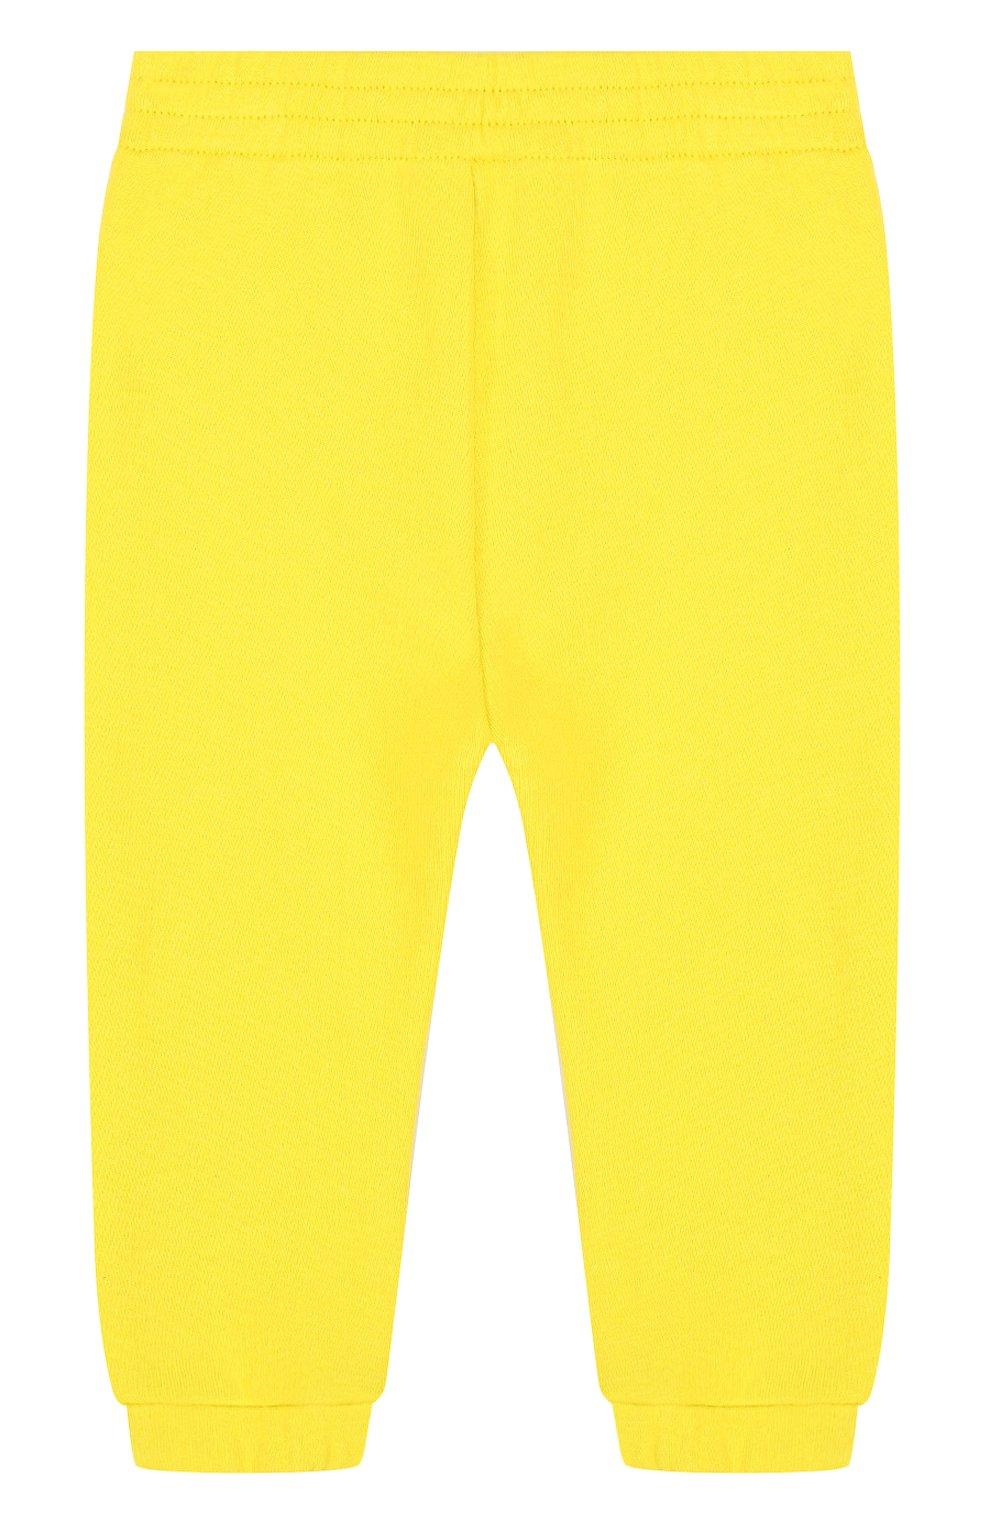 Детские хлопковые джоггеры с логотипом бренда GUCCI желтого цвета, арт. 509179/X3L00 | Фото 2